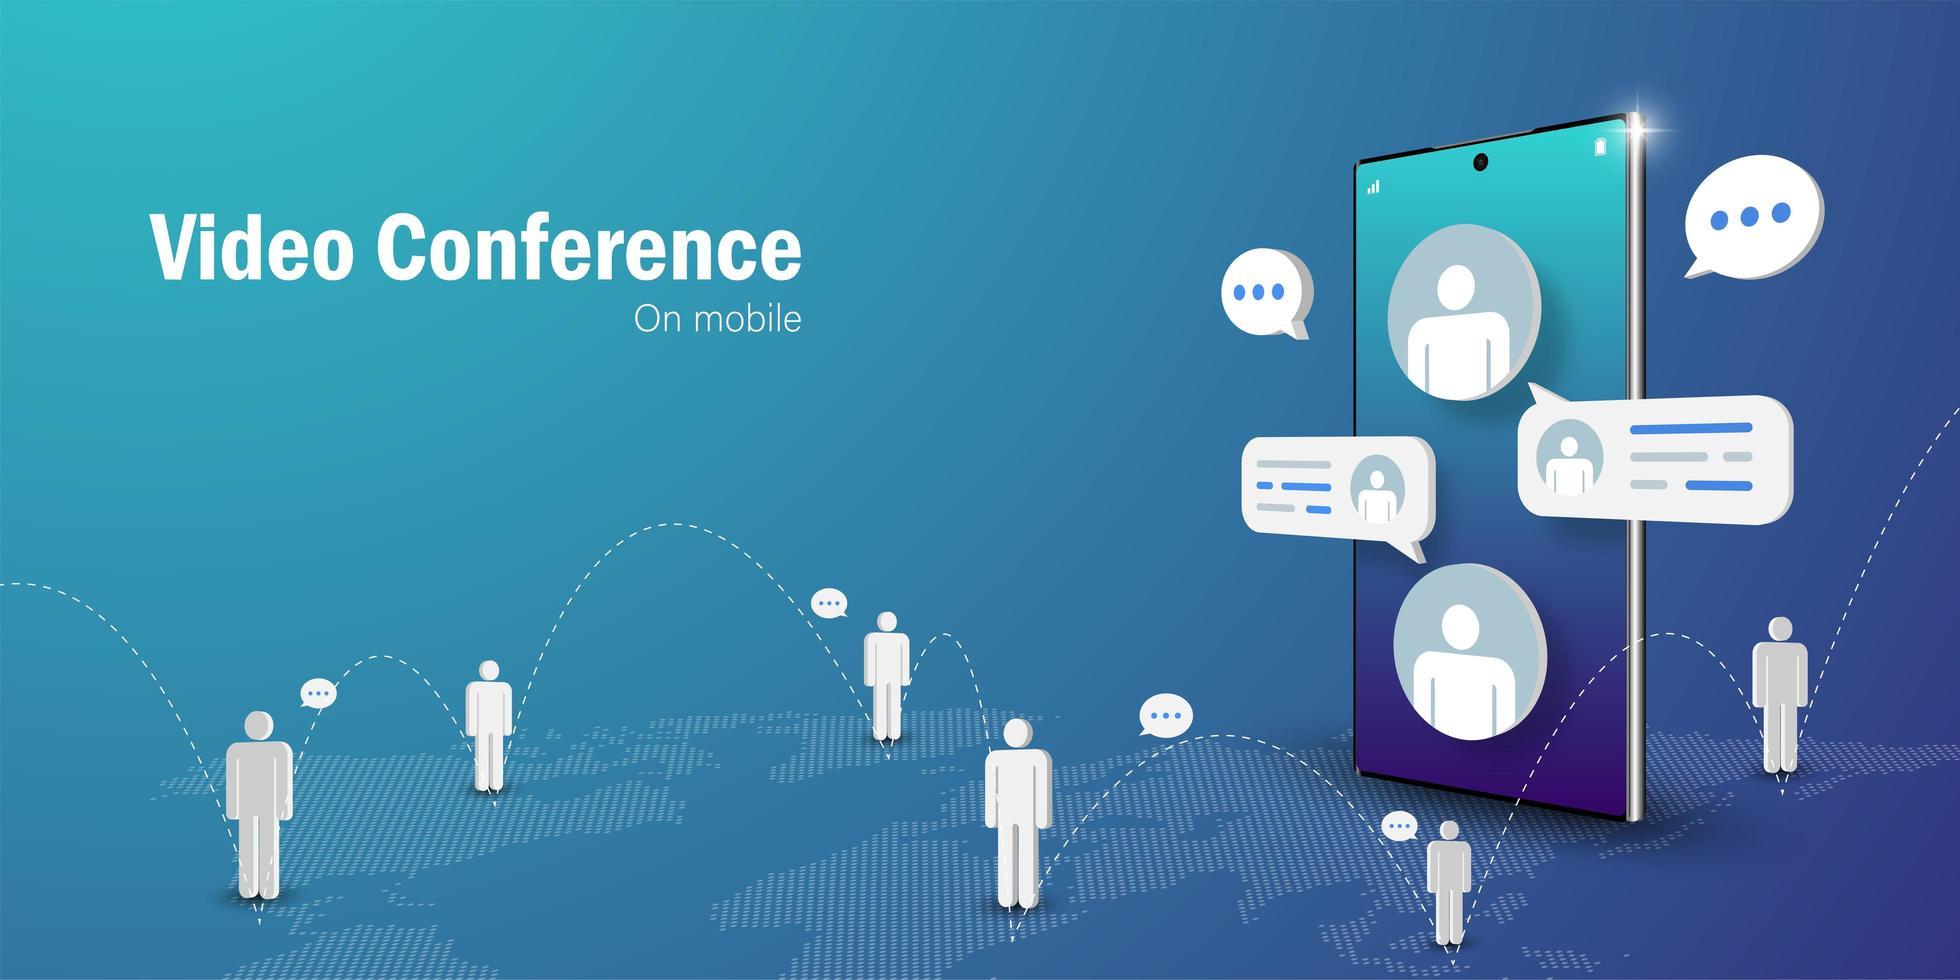 riunione d'affari di videoconferenza online su smartphone mobile vettore